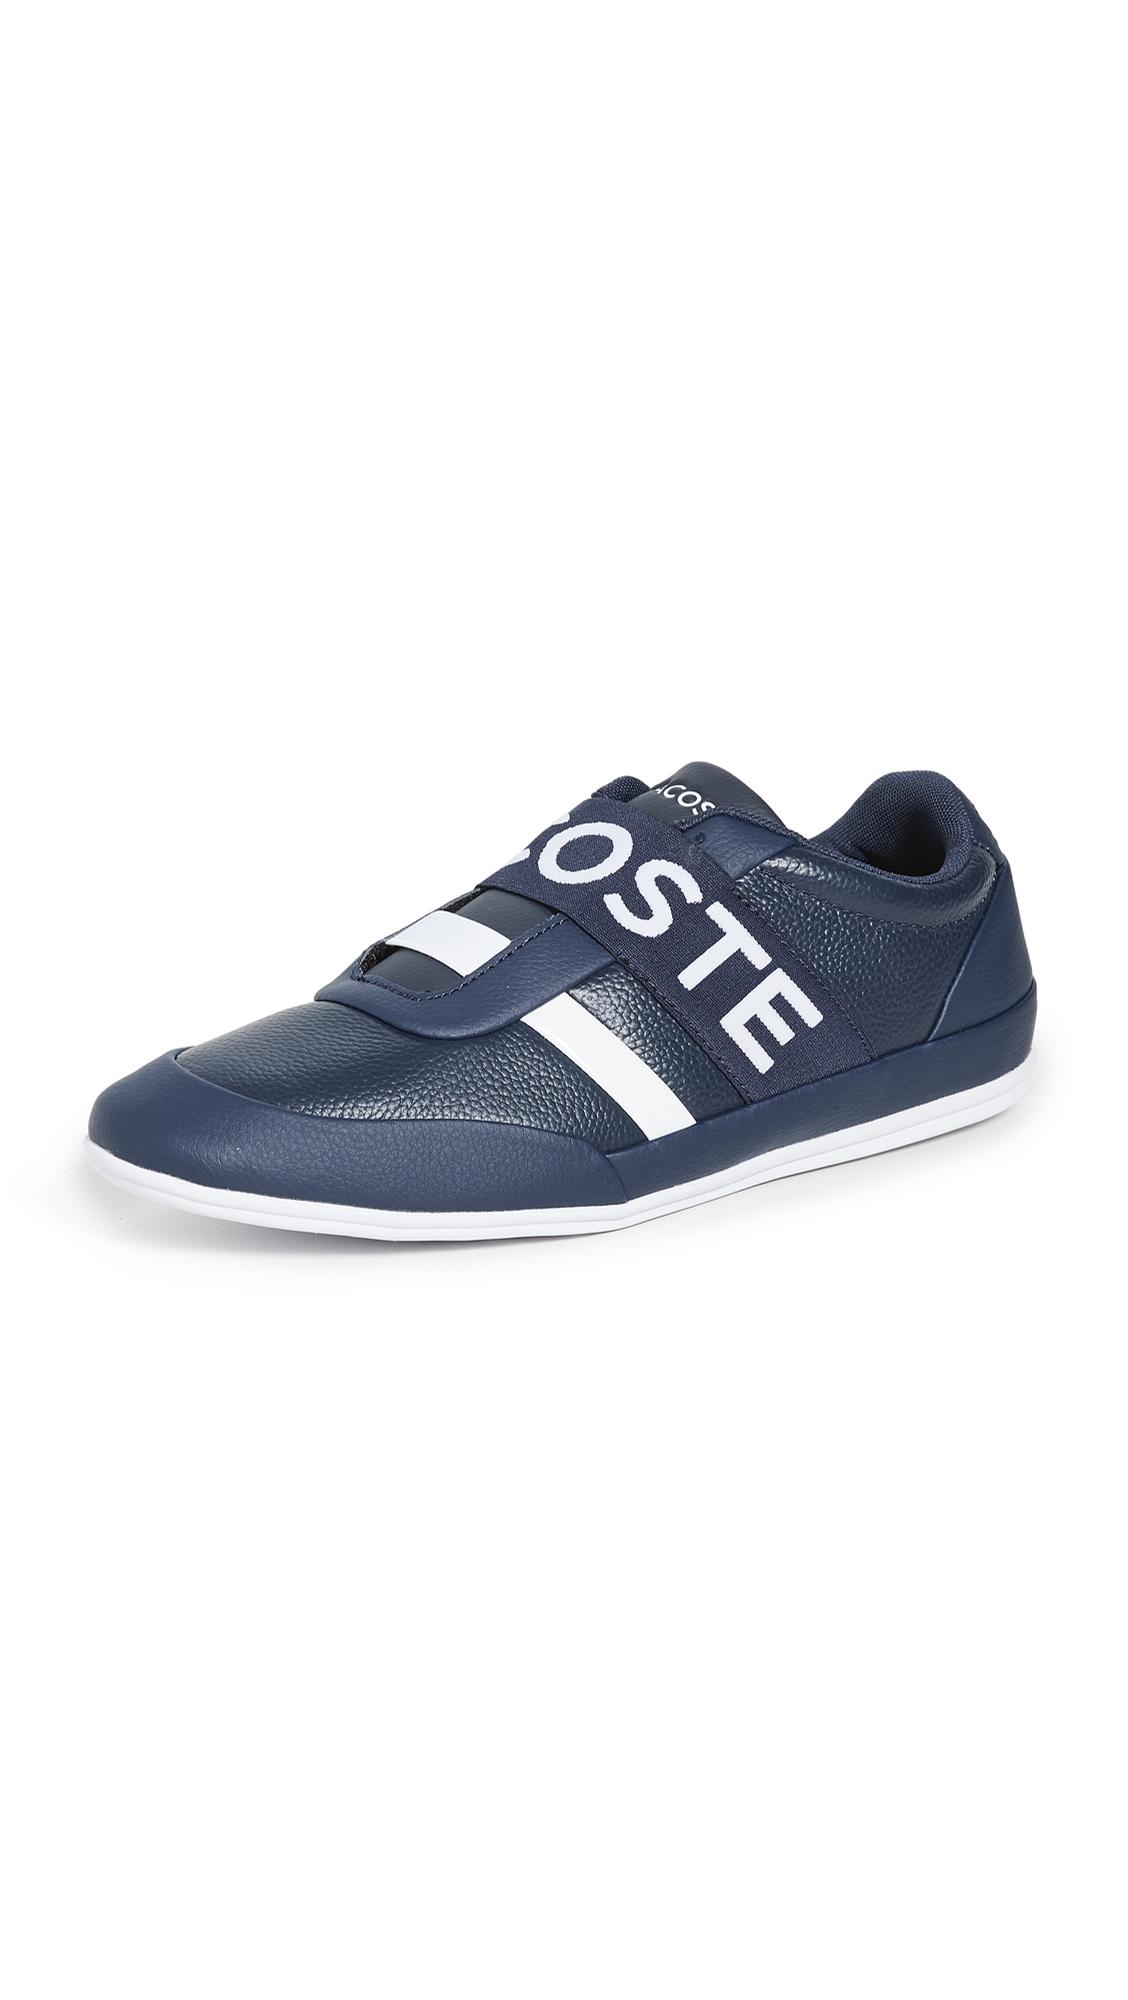 Lacoste Sneakers MISANO ELASTIC SNEAKERS